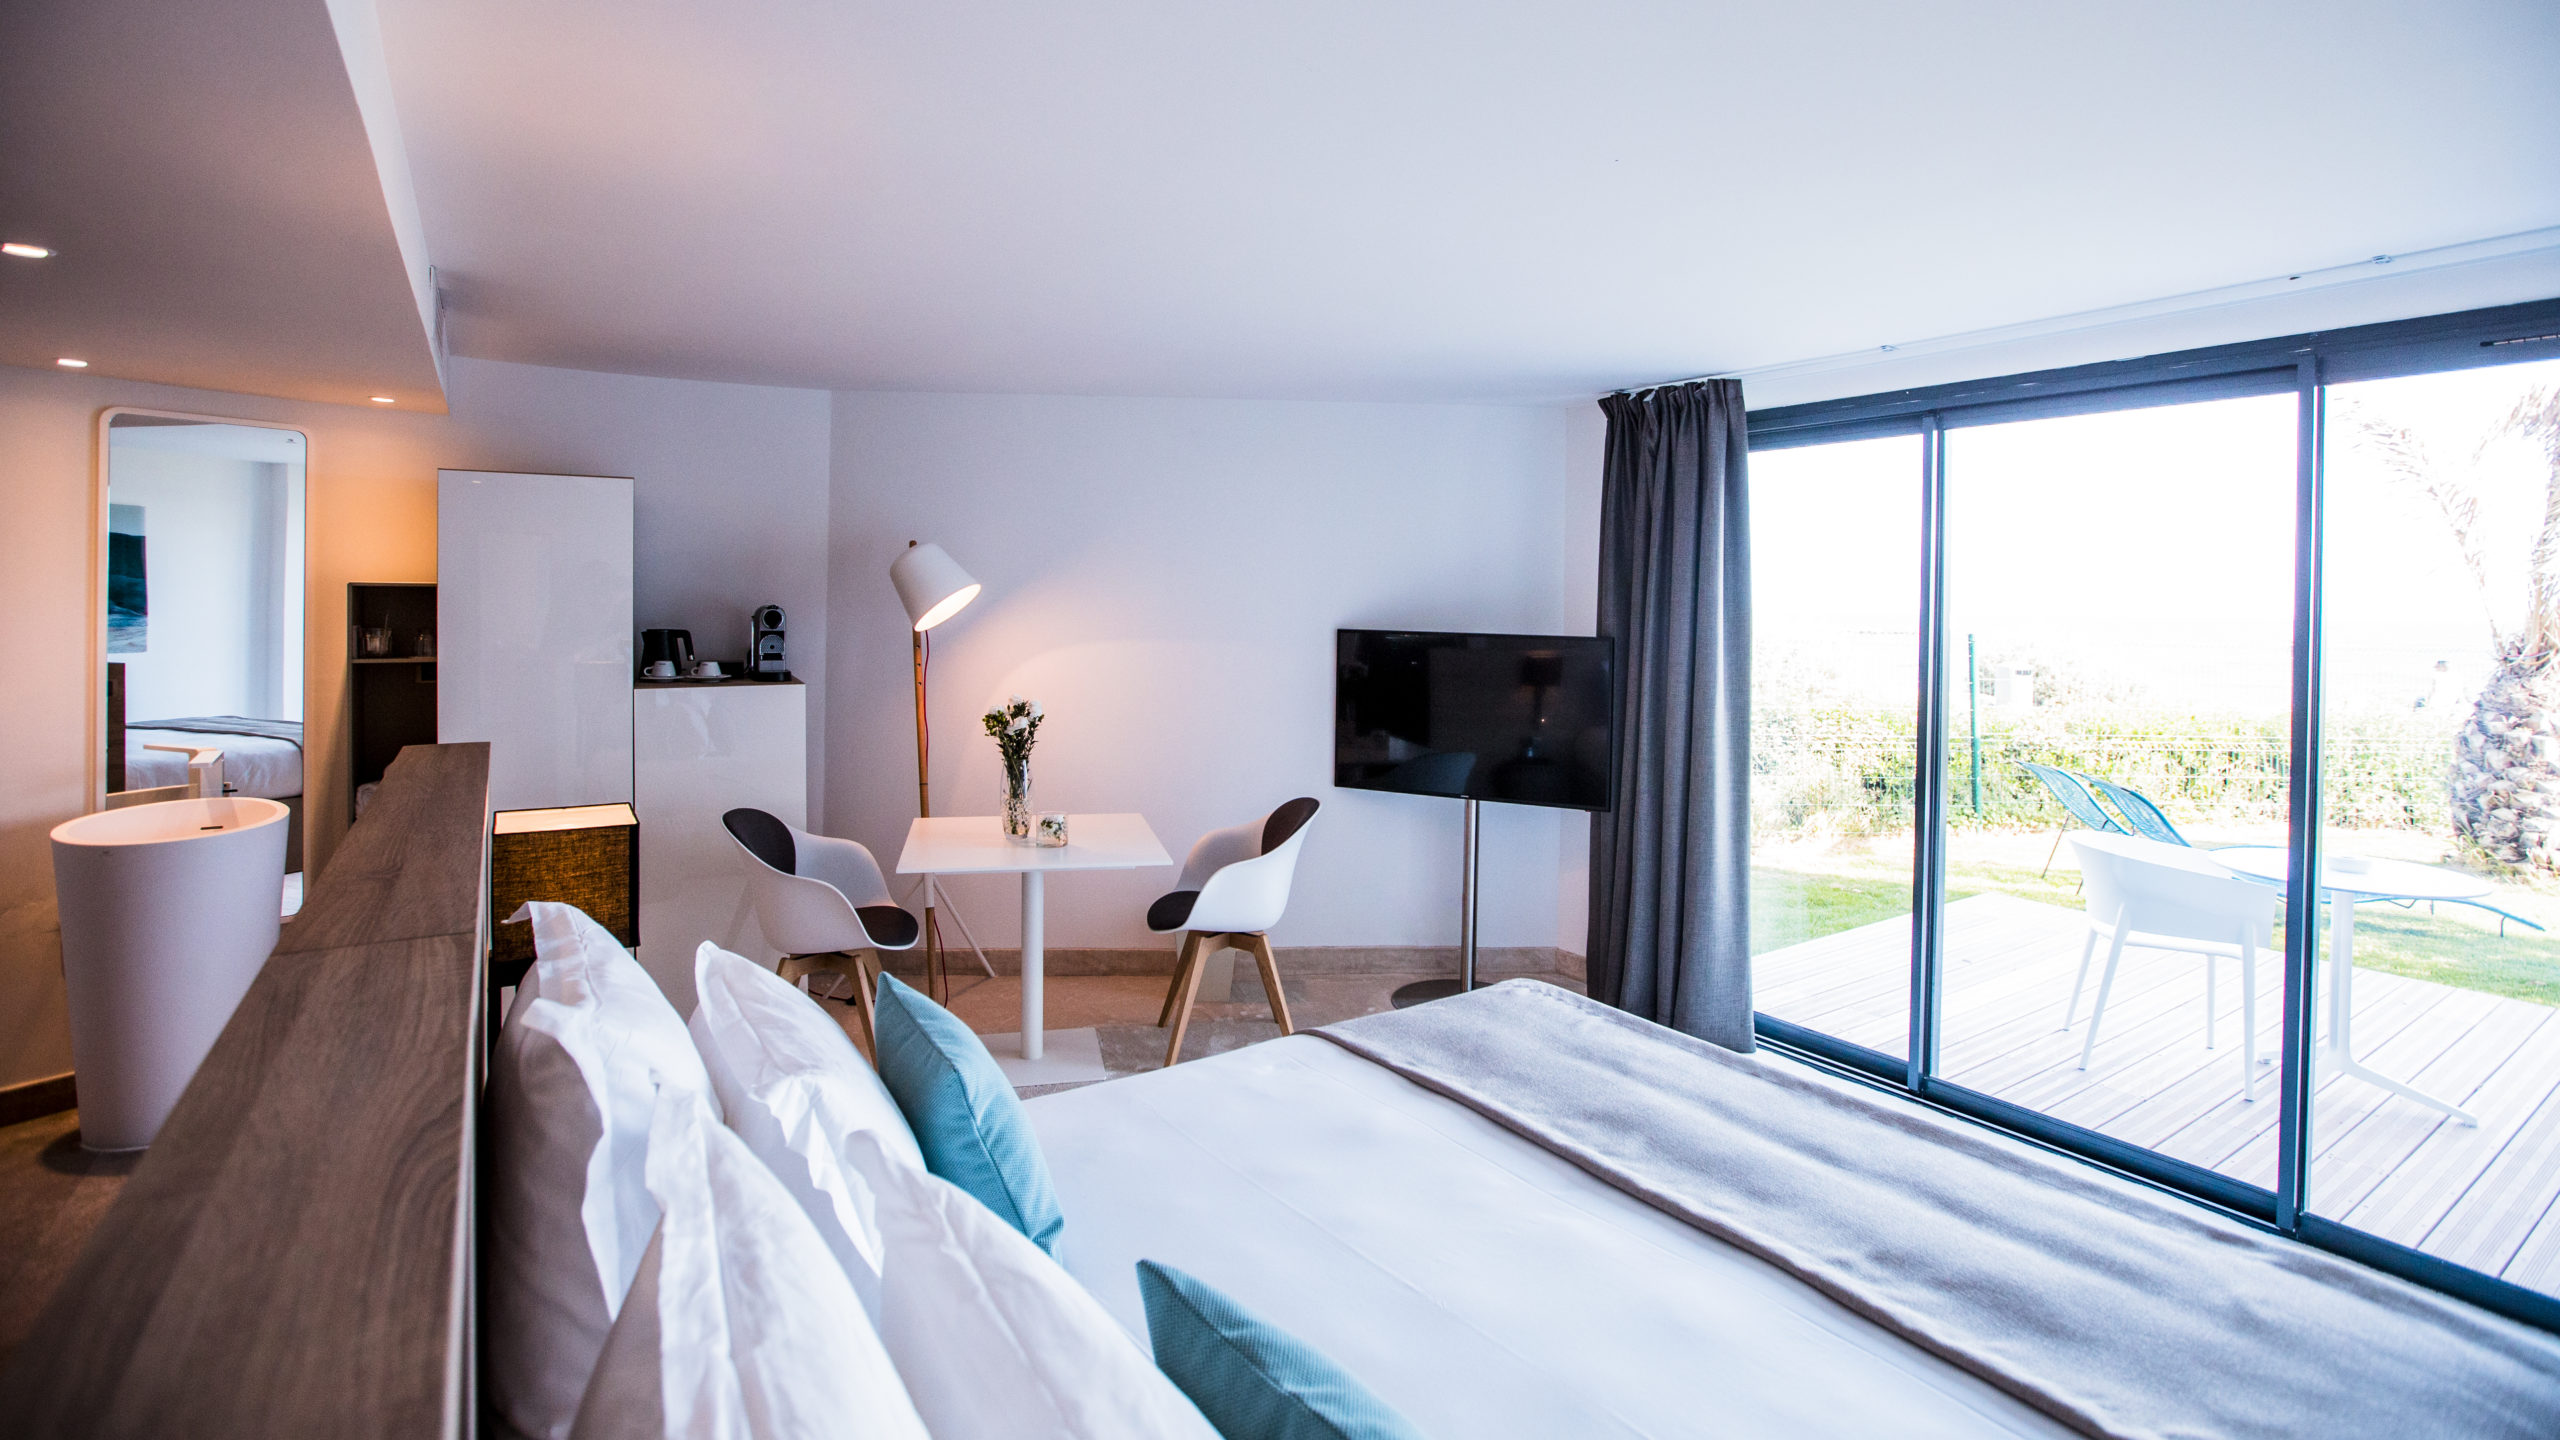 Chambre double confortable et moderne avec terrasse et jardin et privatif , hôtel de charme bord de mer ,Hôtel La Plage.